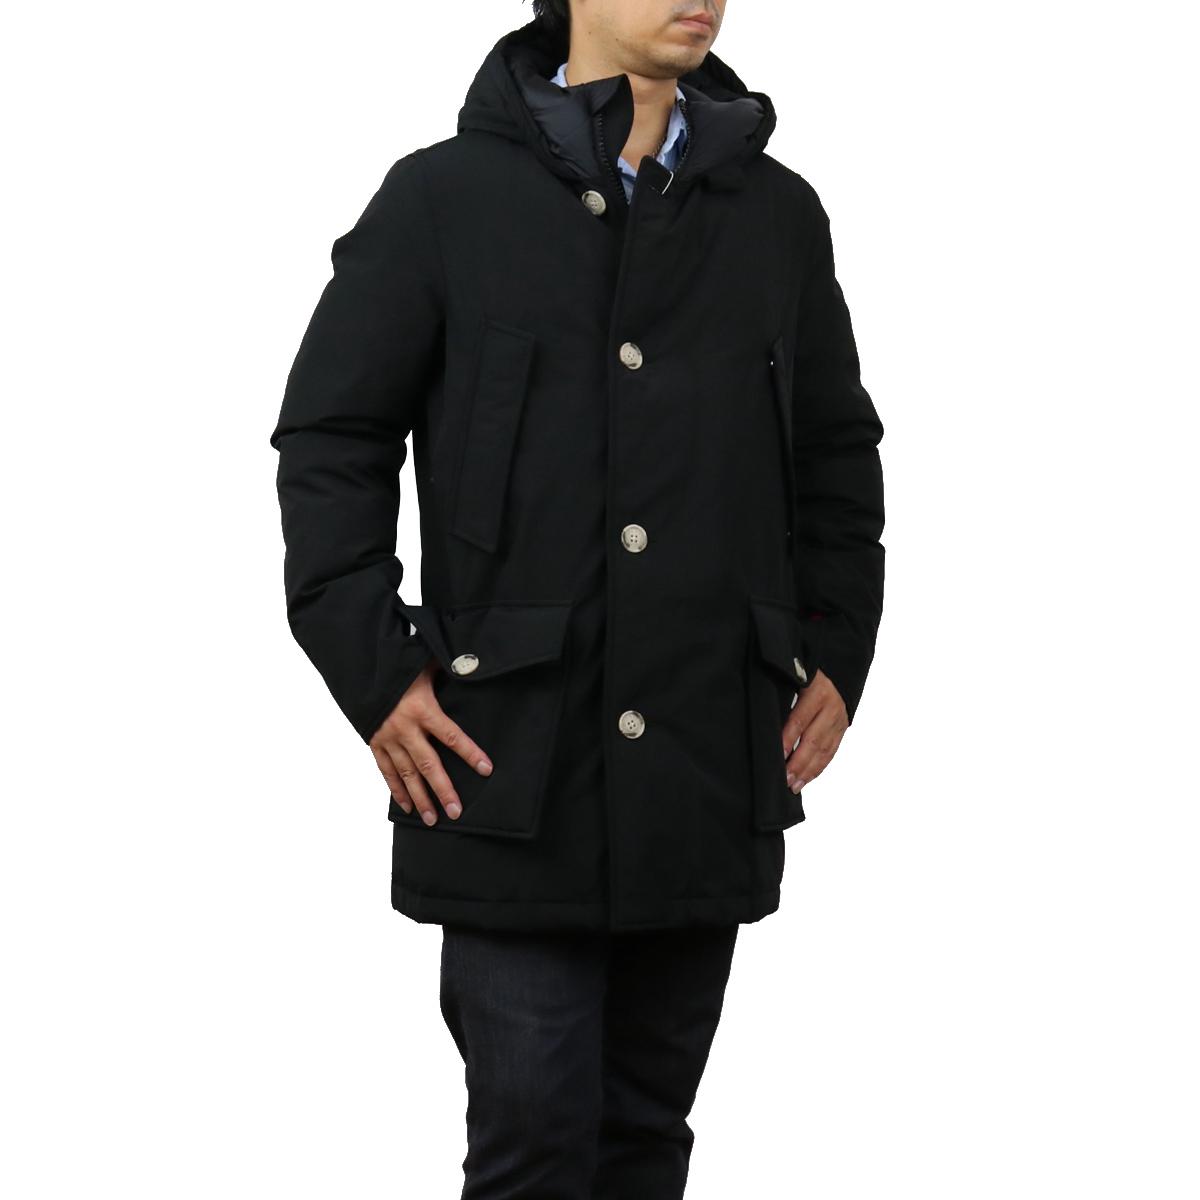 激安超特価 ※ 送料無料 ラッピング無料 ウールリッチ WOOLRICH メンズ コート bos-13 NBL UT0108 美品 WOOU0271 ブラック outer-01